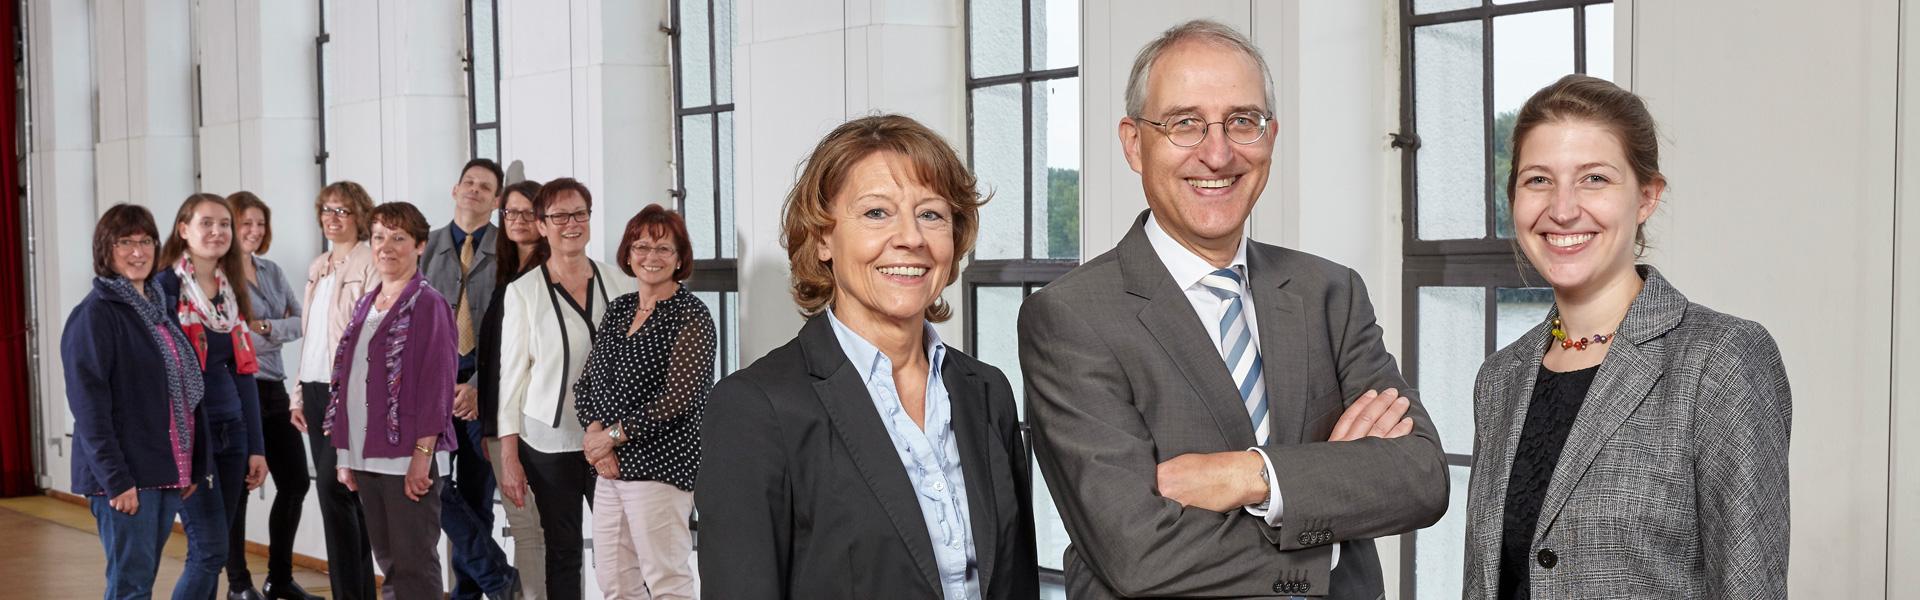 Gruppenfoto der Prinz und Müller PartGmbB. Im Vordergrund die Partner: Brigitte Müller, Herbert Prinz und Simone Prinz